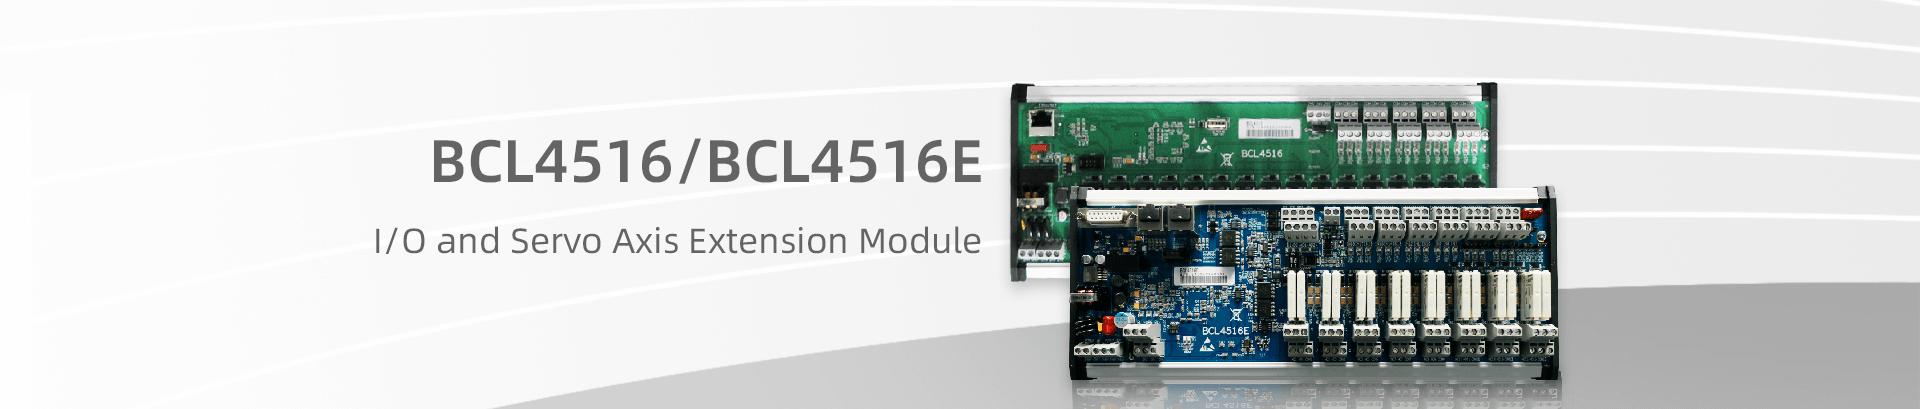 BCL4516E/BCL4516